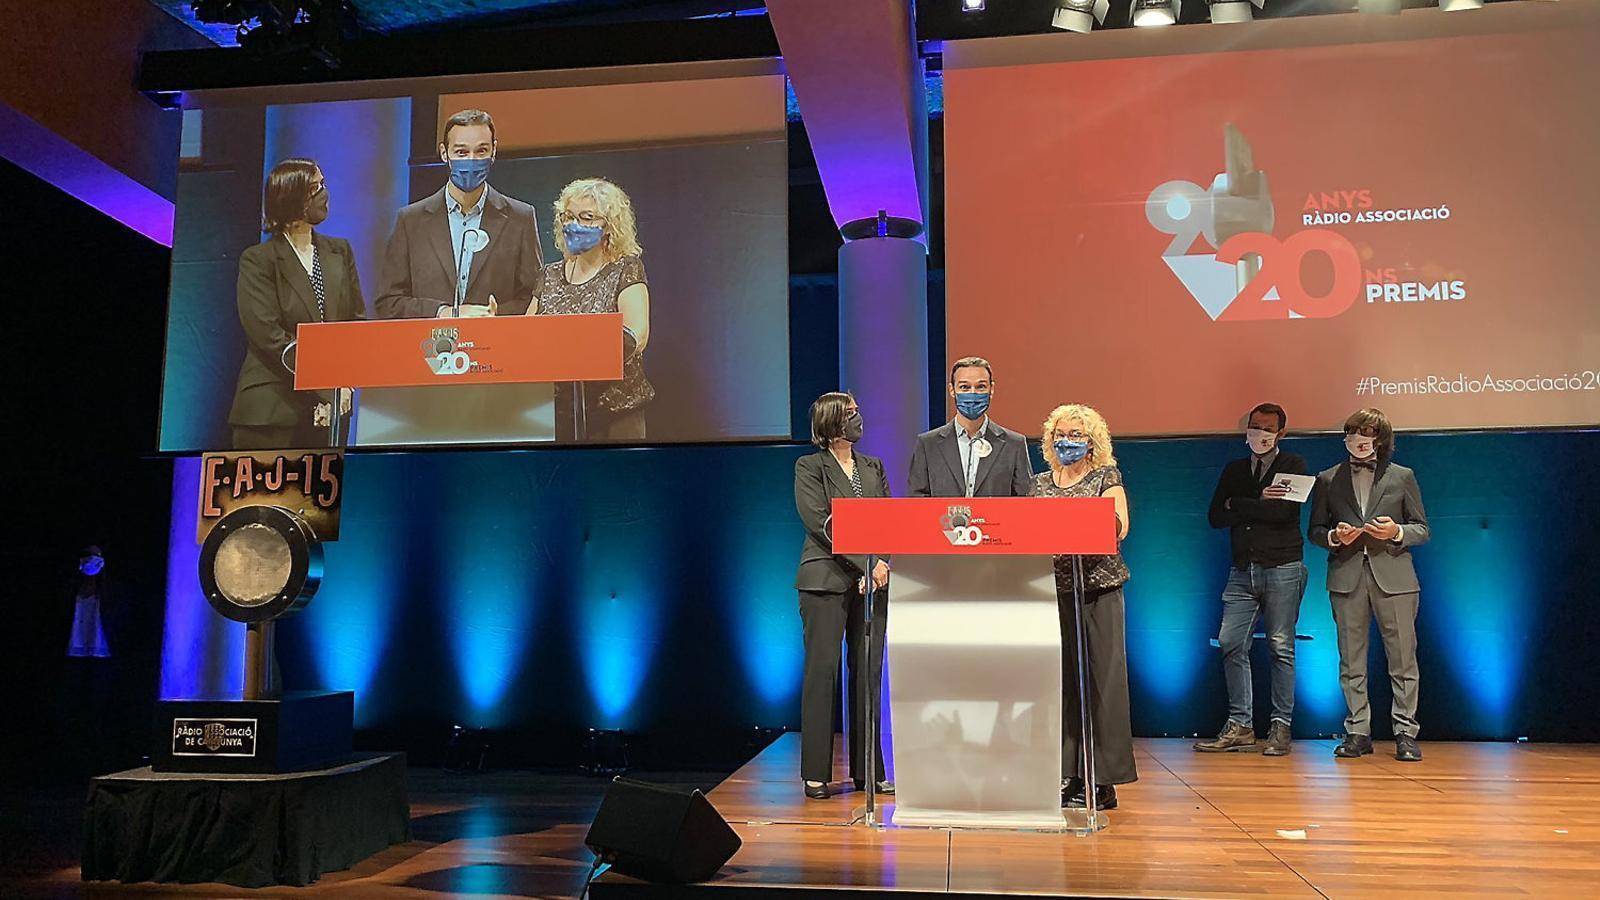 Els periodistes Anna Punsí, Benet Iñigo i Maria Núria Revetlle van recollir el premi al millor professional de ràdio.